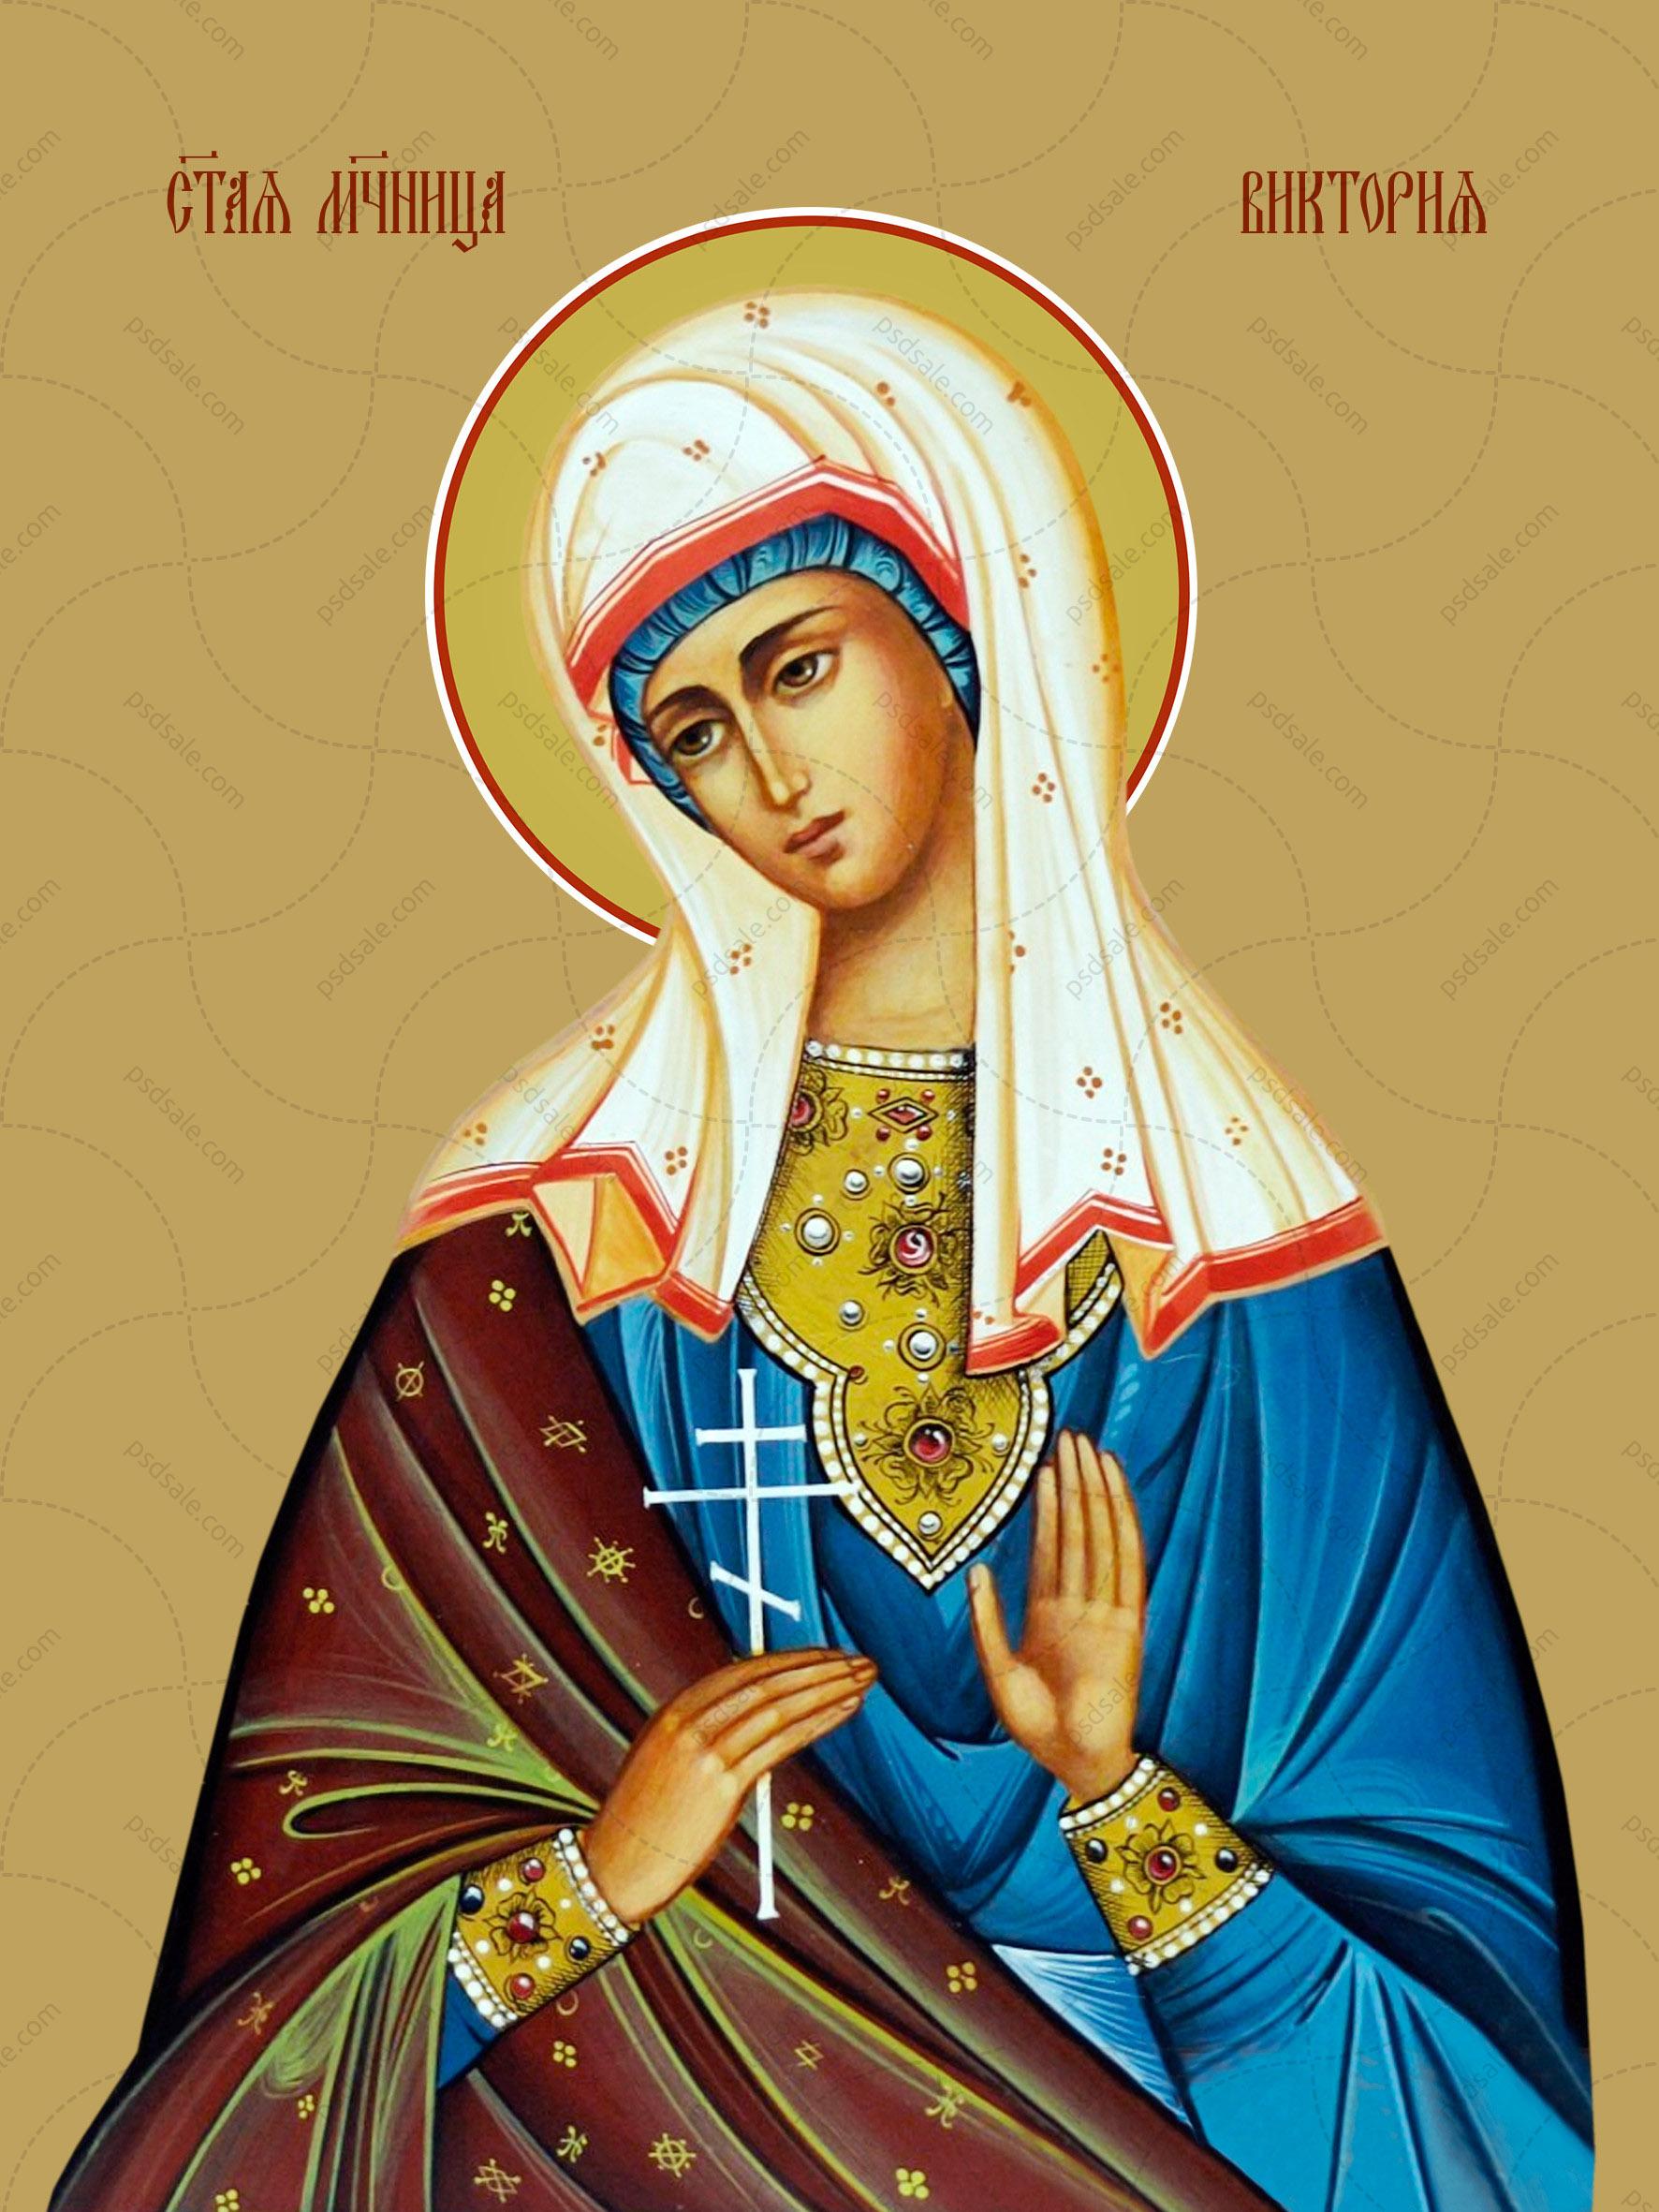 Виктория, святая мученица